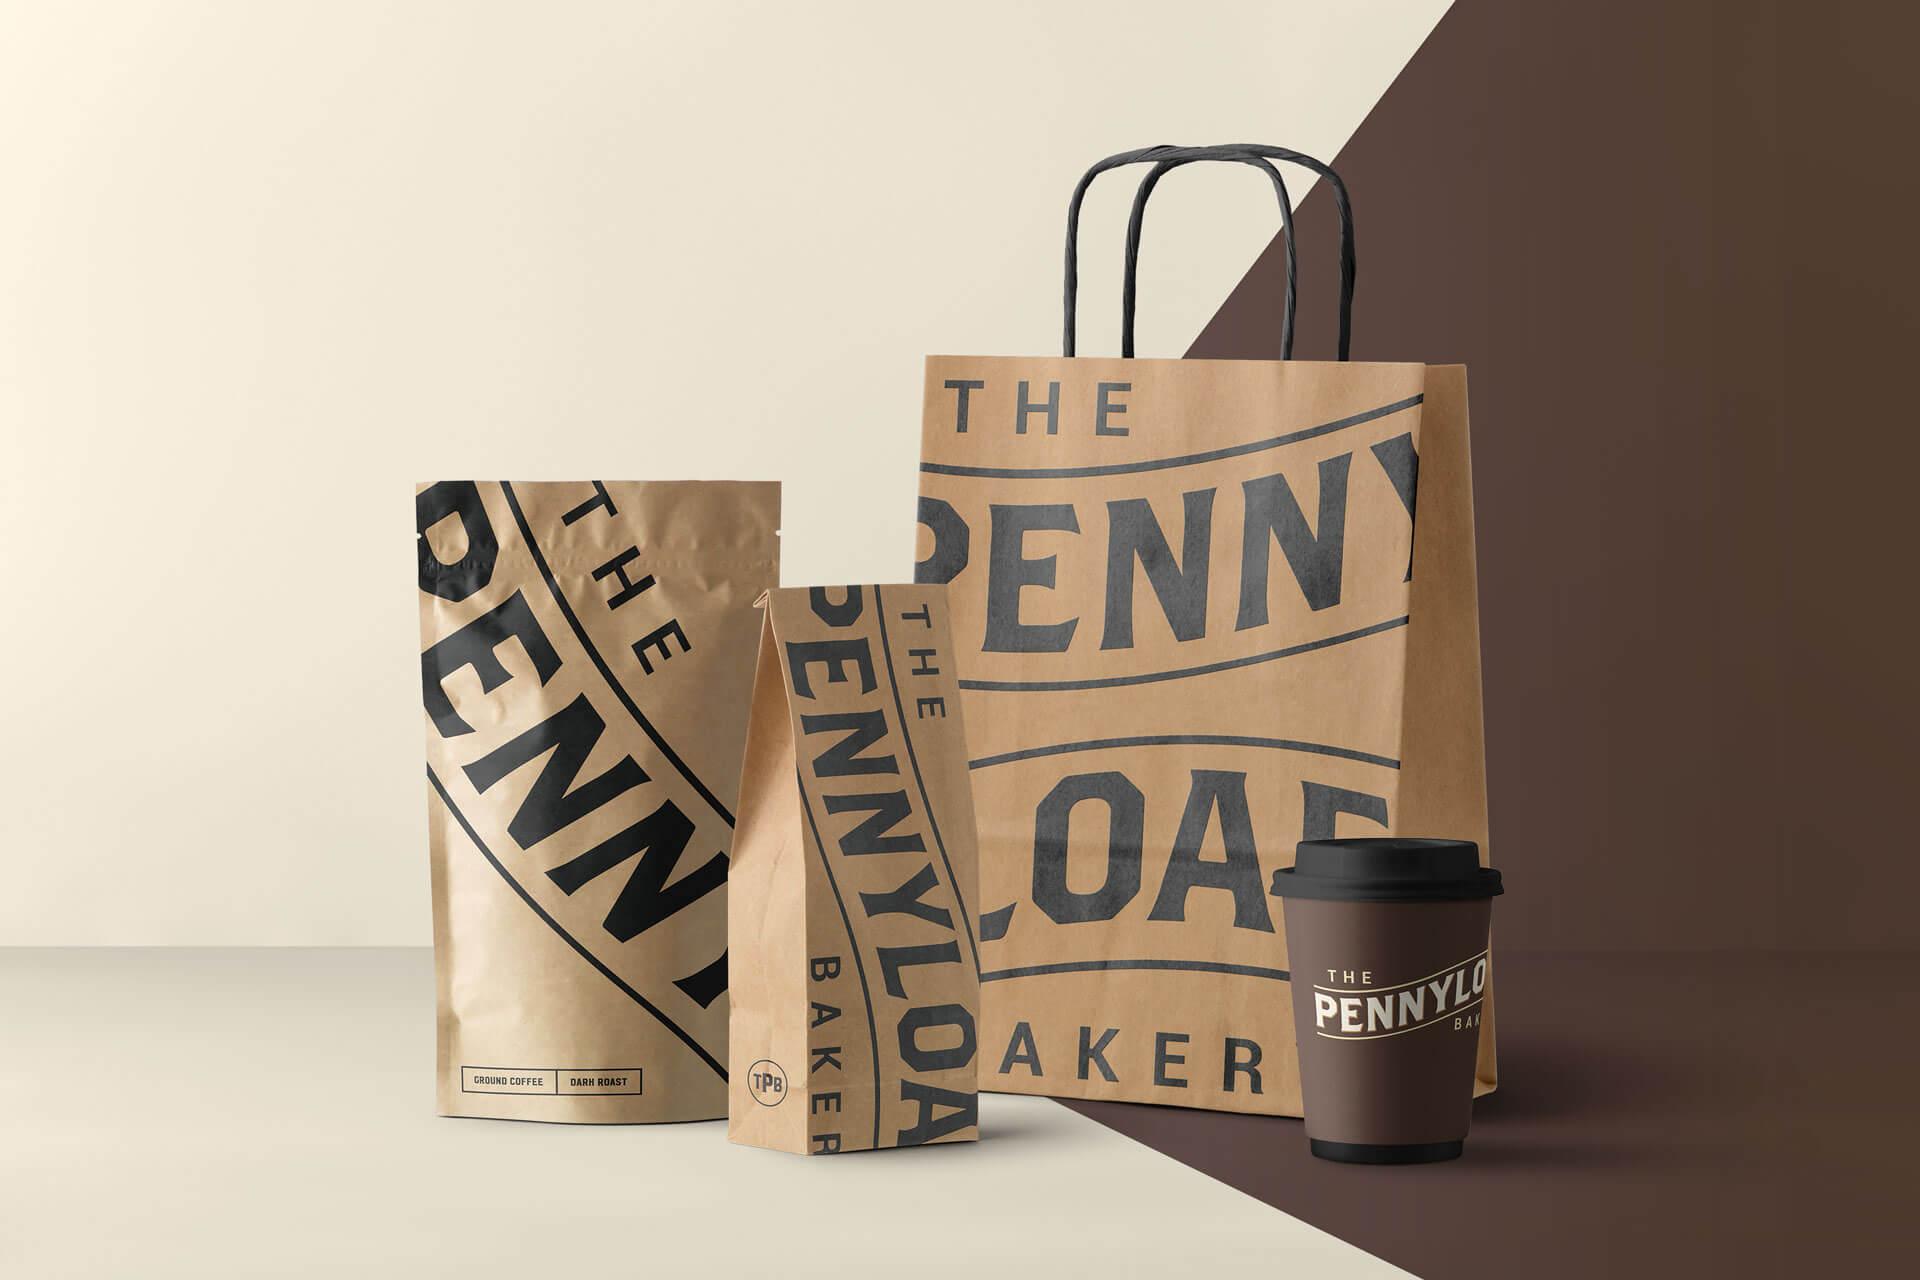 Pennyloaf packaging